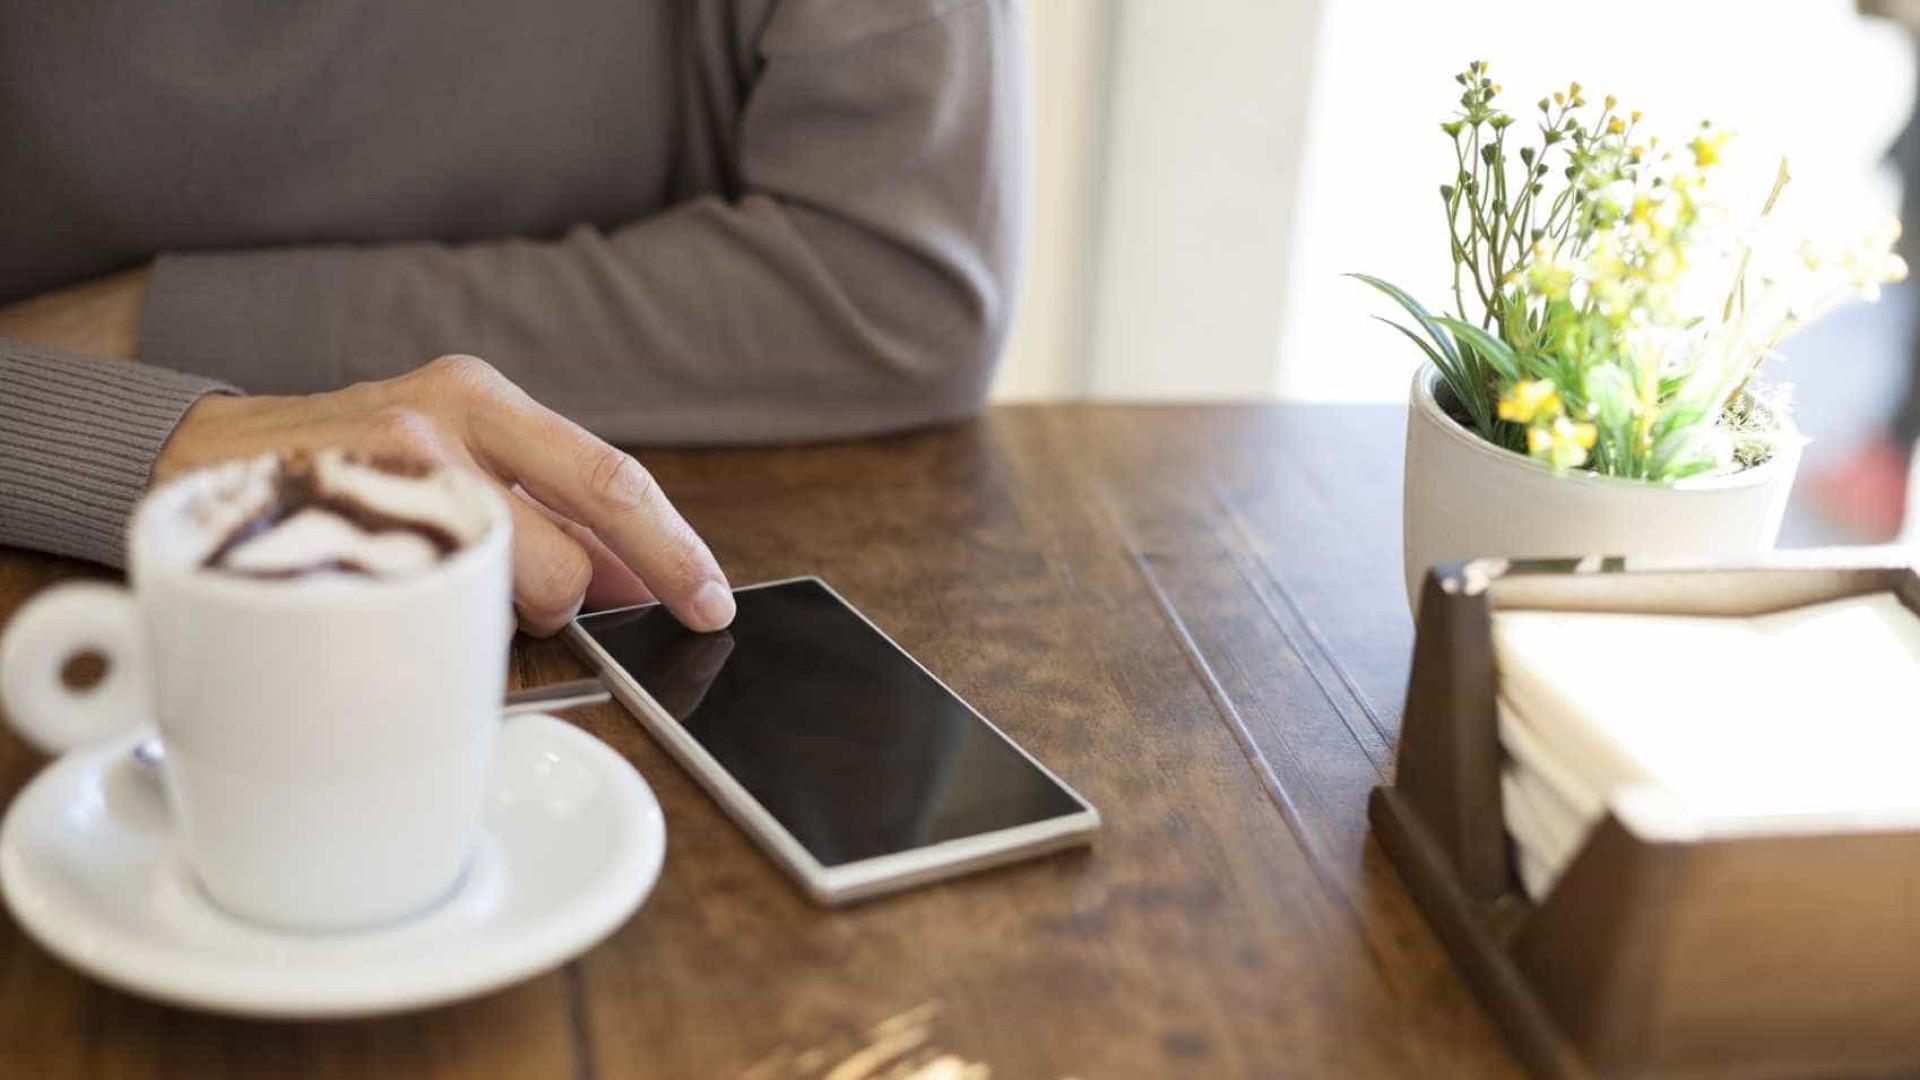 O seu telemóvel pode ser dez vezes mais sujo do que uma tampa de sanita